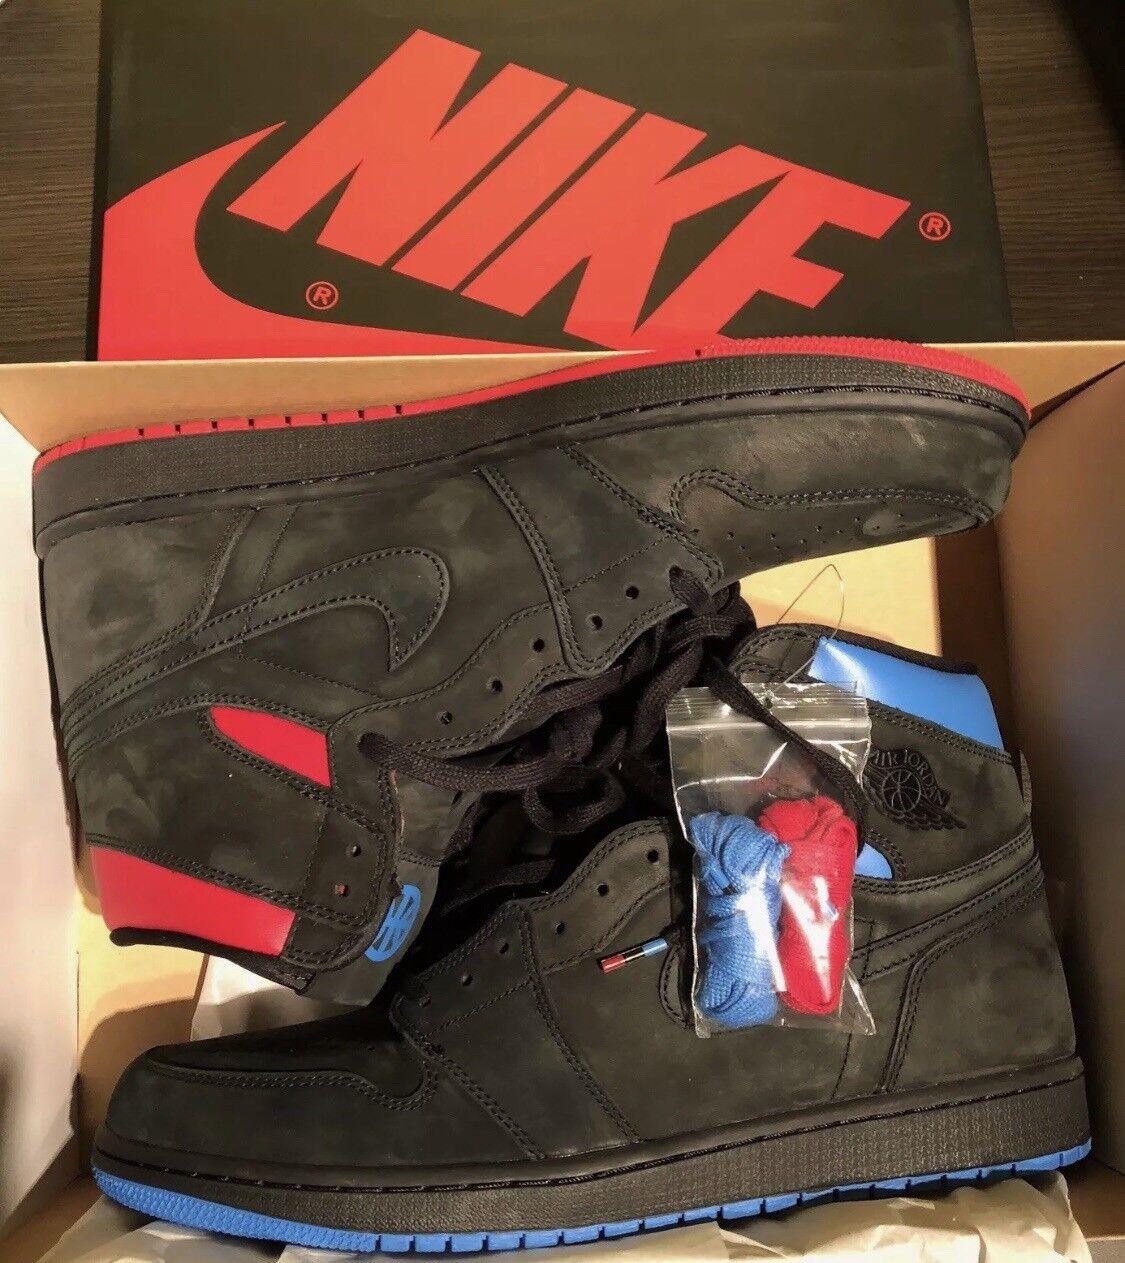 info for 95df9 53ace Nike Pour Homme Baskets Taille Taille Taille 12 Nike Air Jordan 1 Rétro  Haut OG Q54 5e9c8c